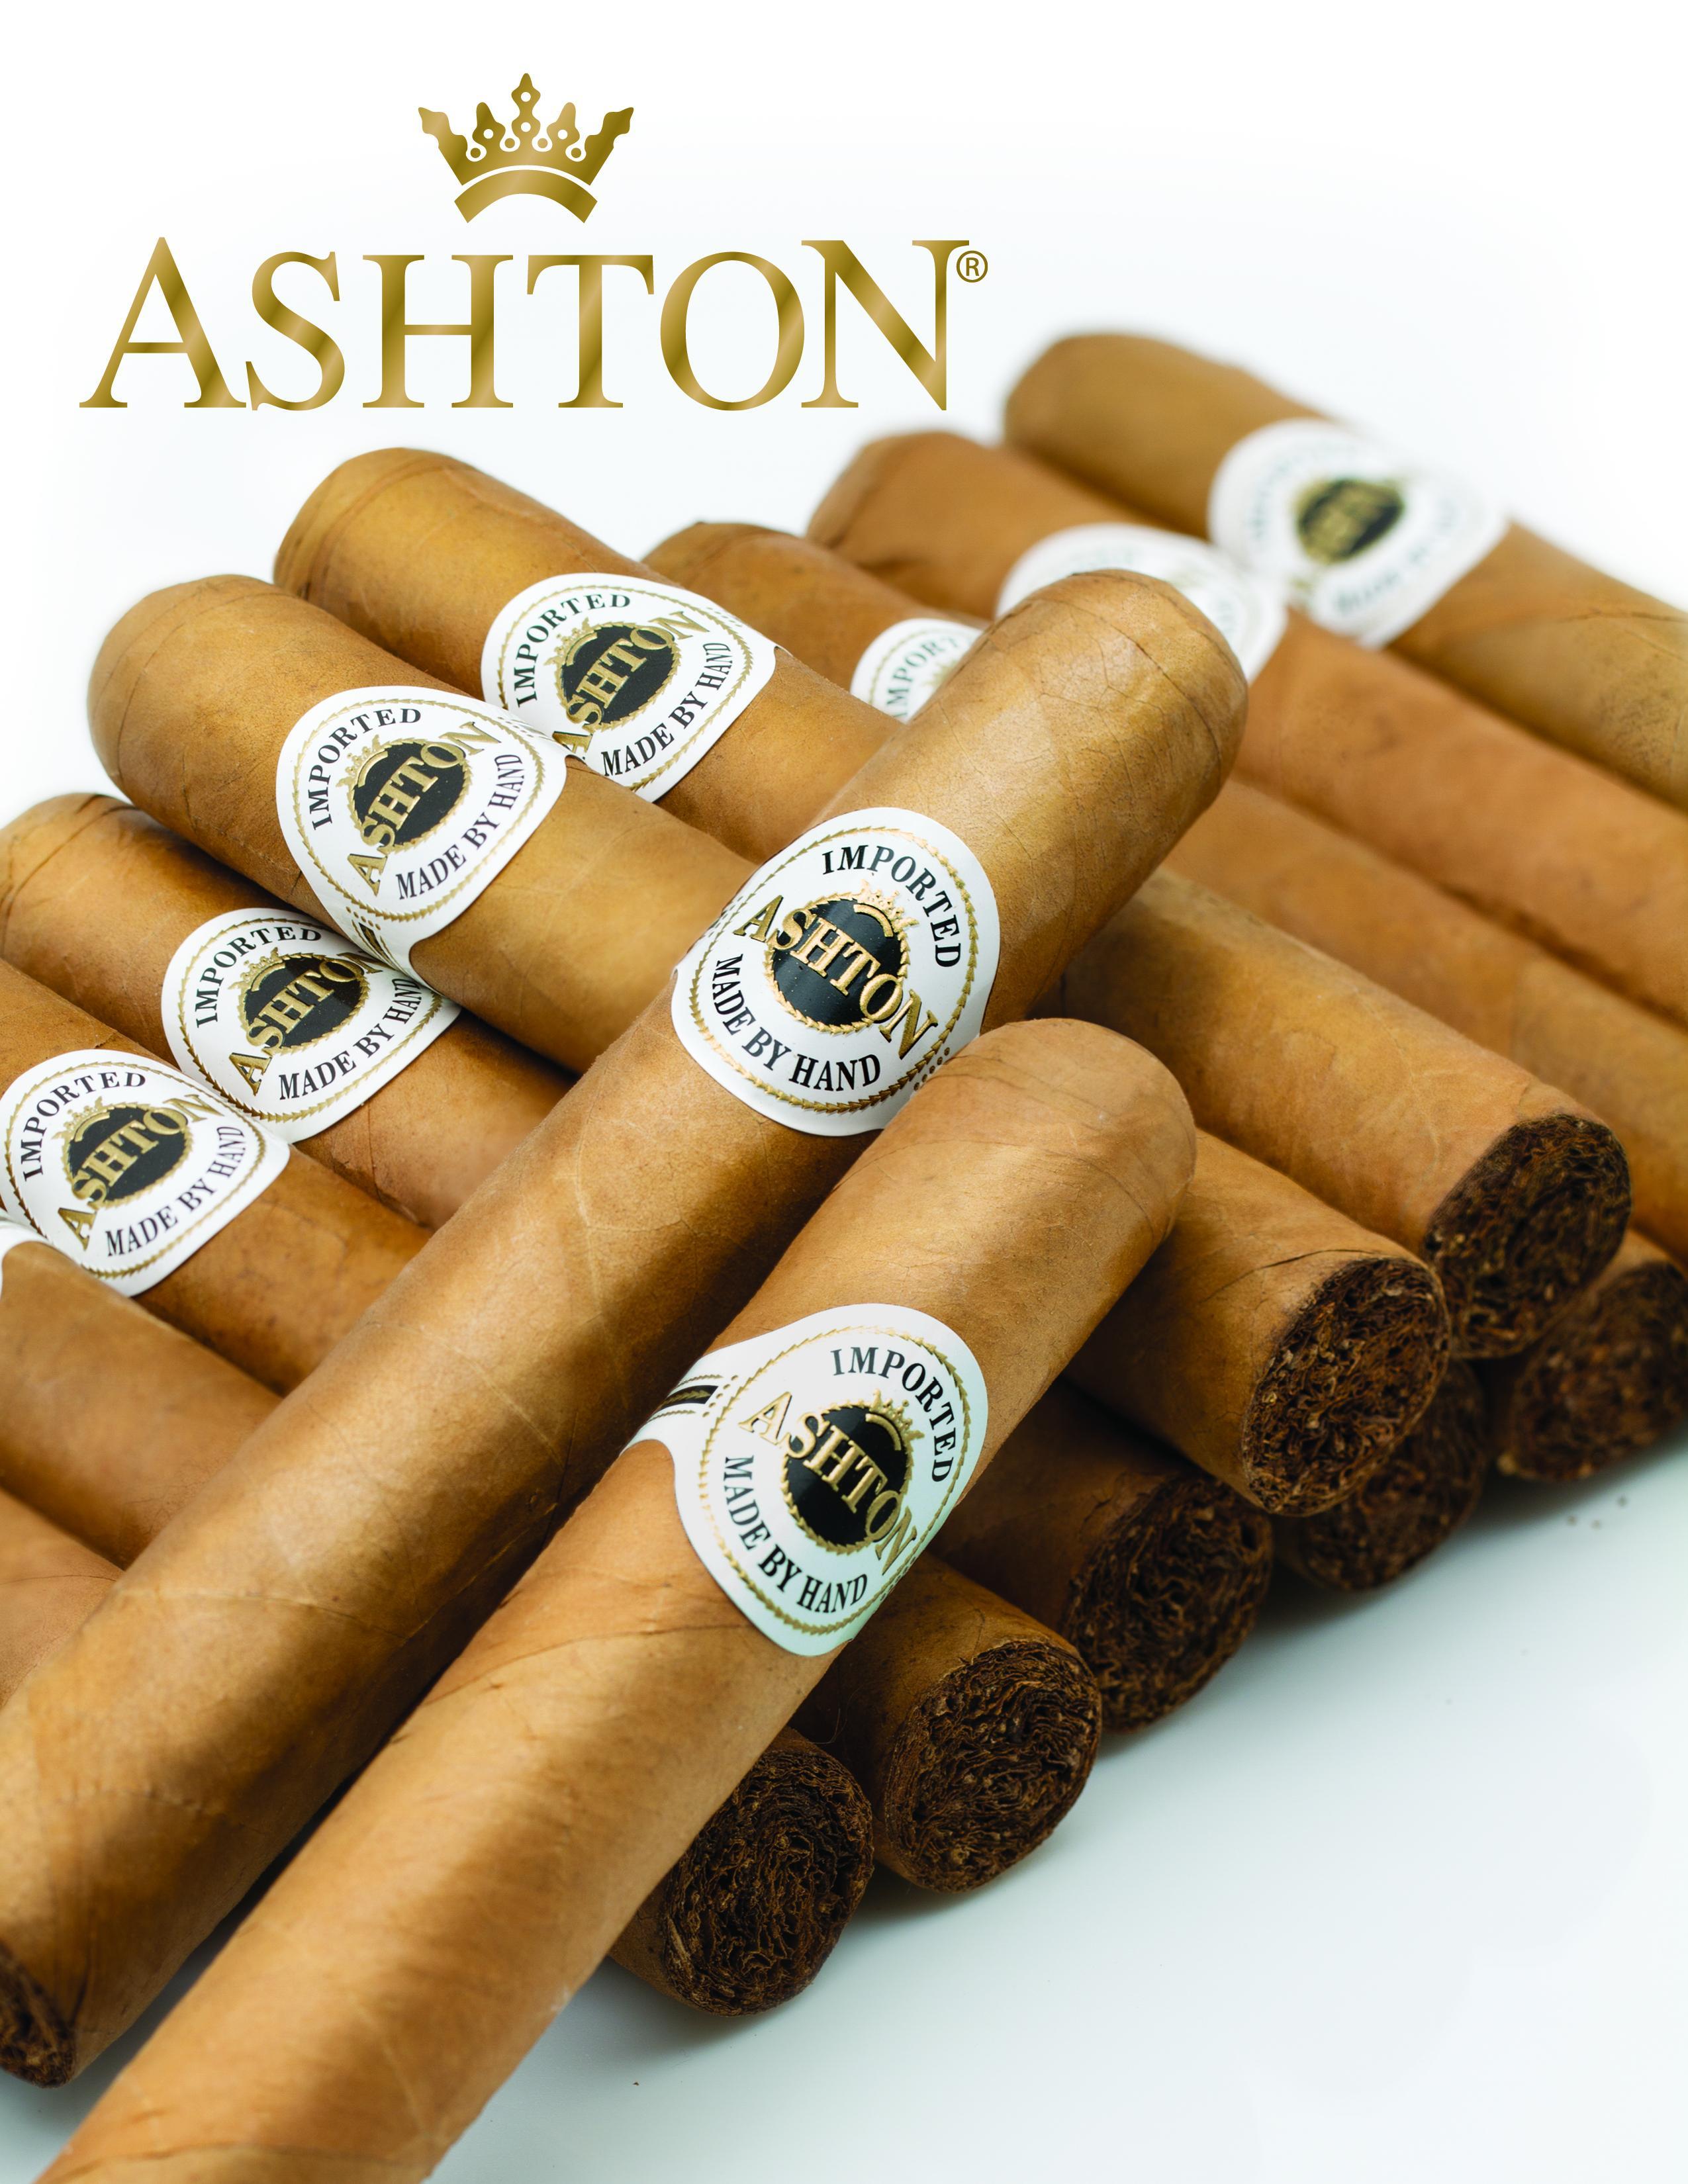 Ashton 8-9-8